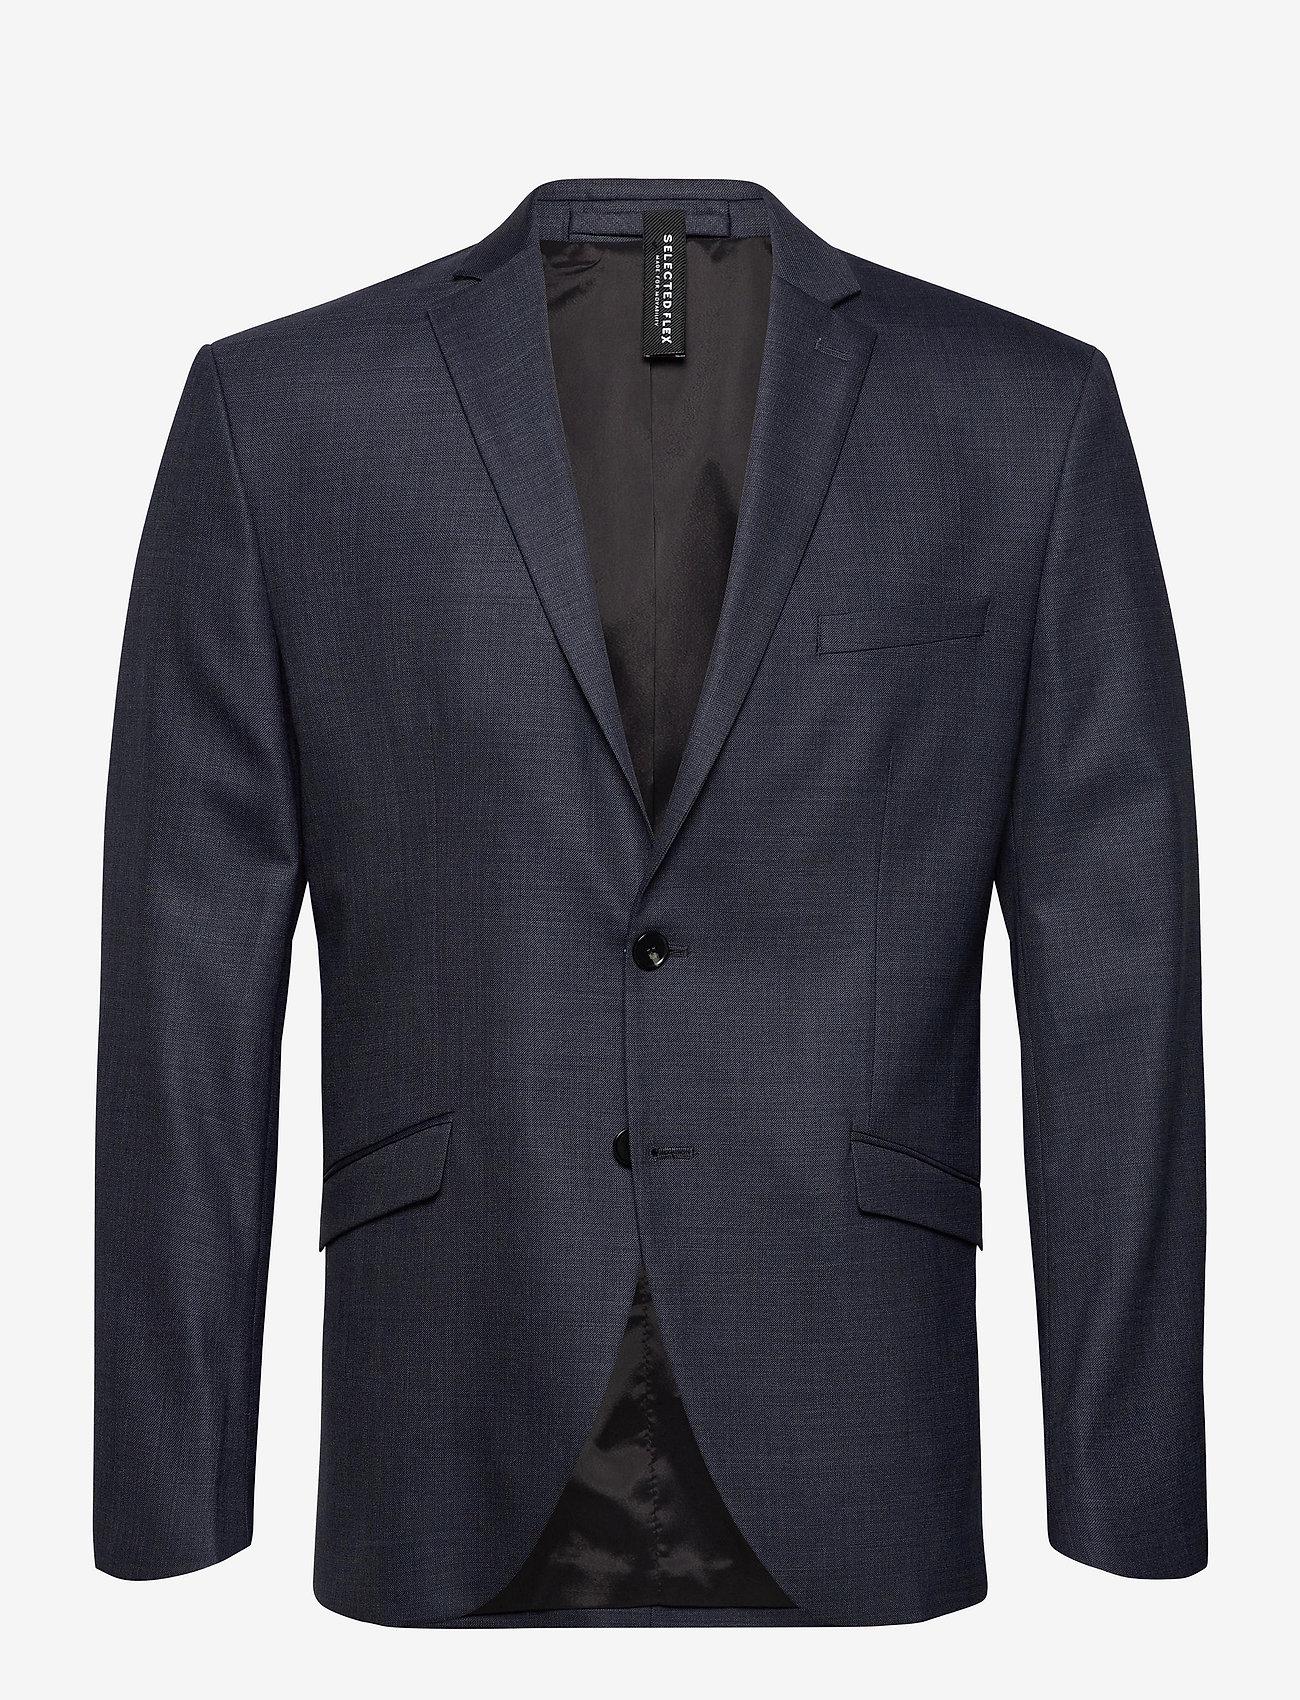 Selected Homme - SLHSLIM-MYLOSTATE FLEX BL STR BLZ B NOOS - marynarki jednorzędowe - dark blue - 0